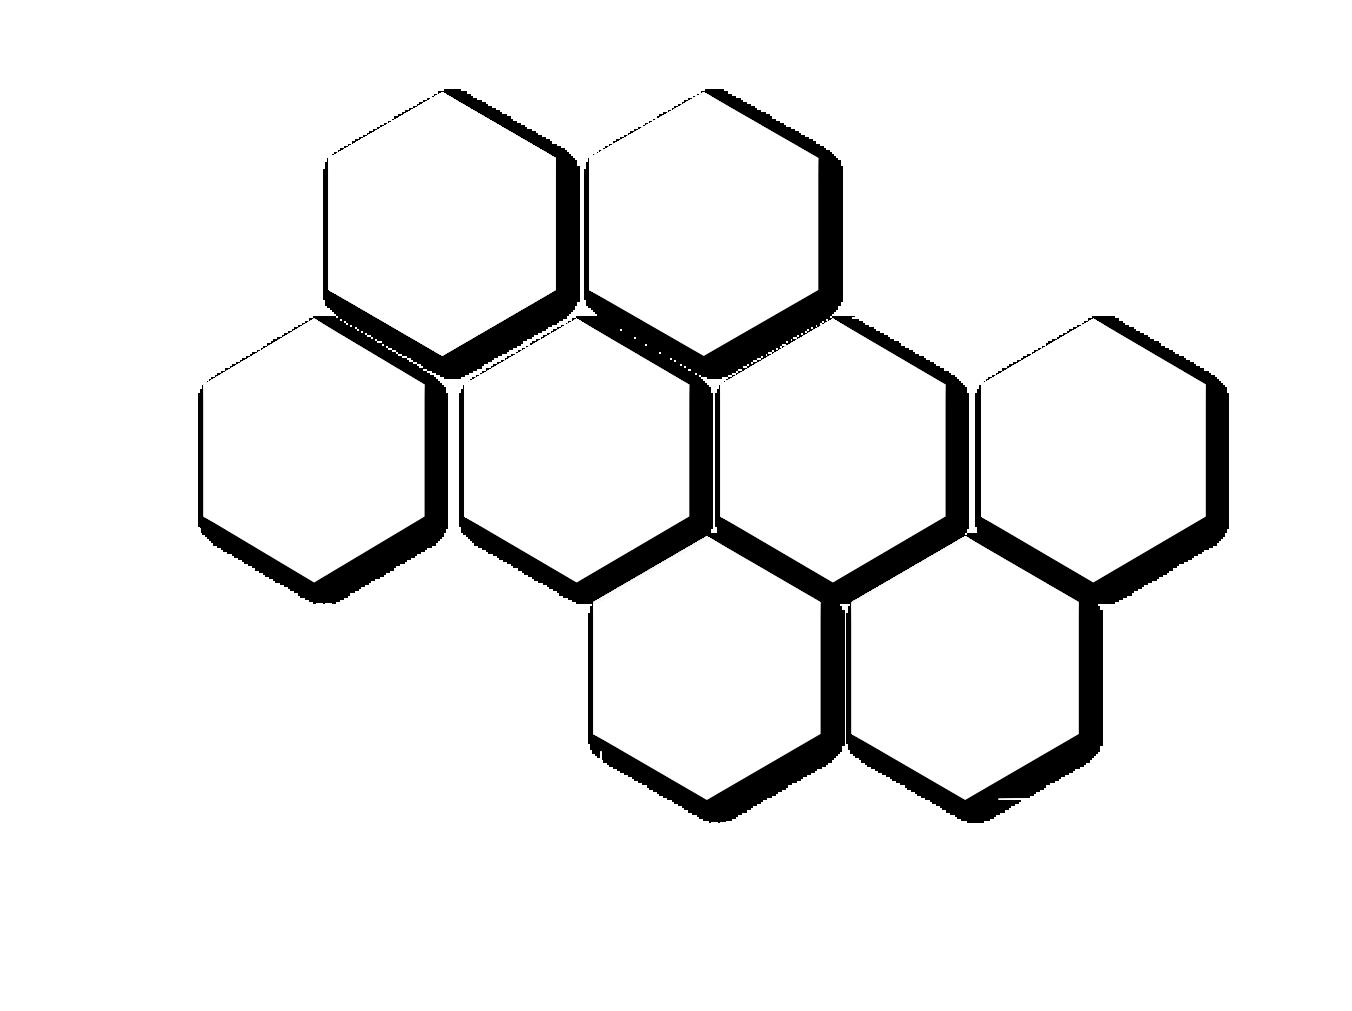 diferenciador-01